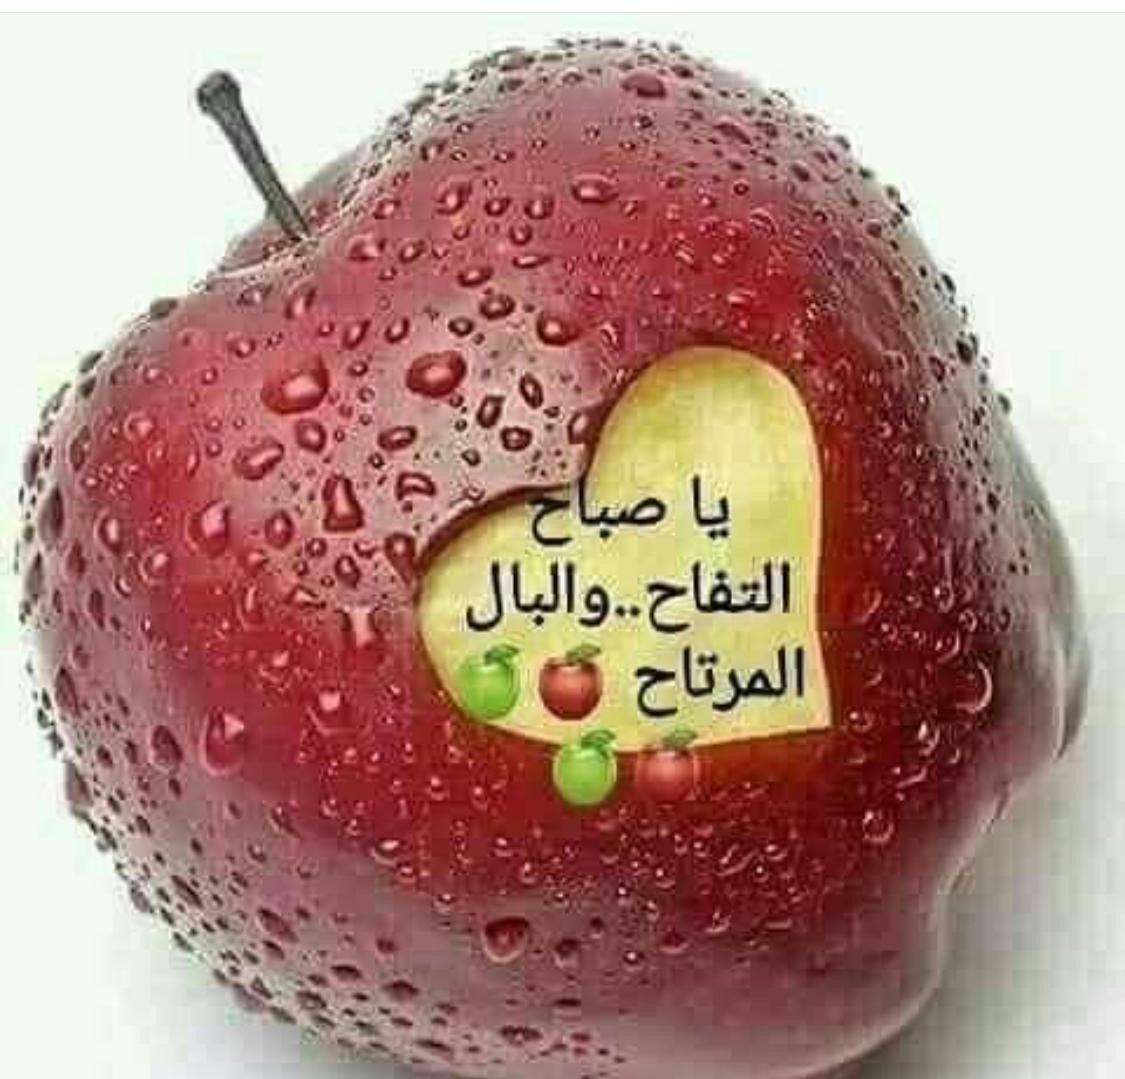 والبال اللي مش مرتاح Good Morning Greetings Good Morning Arabic Morning Greeting